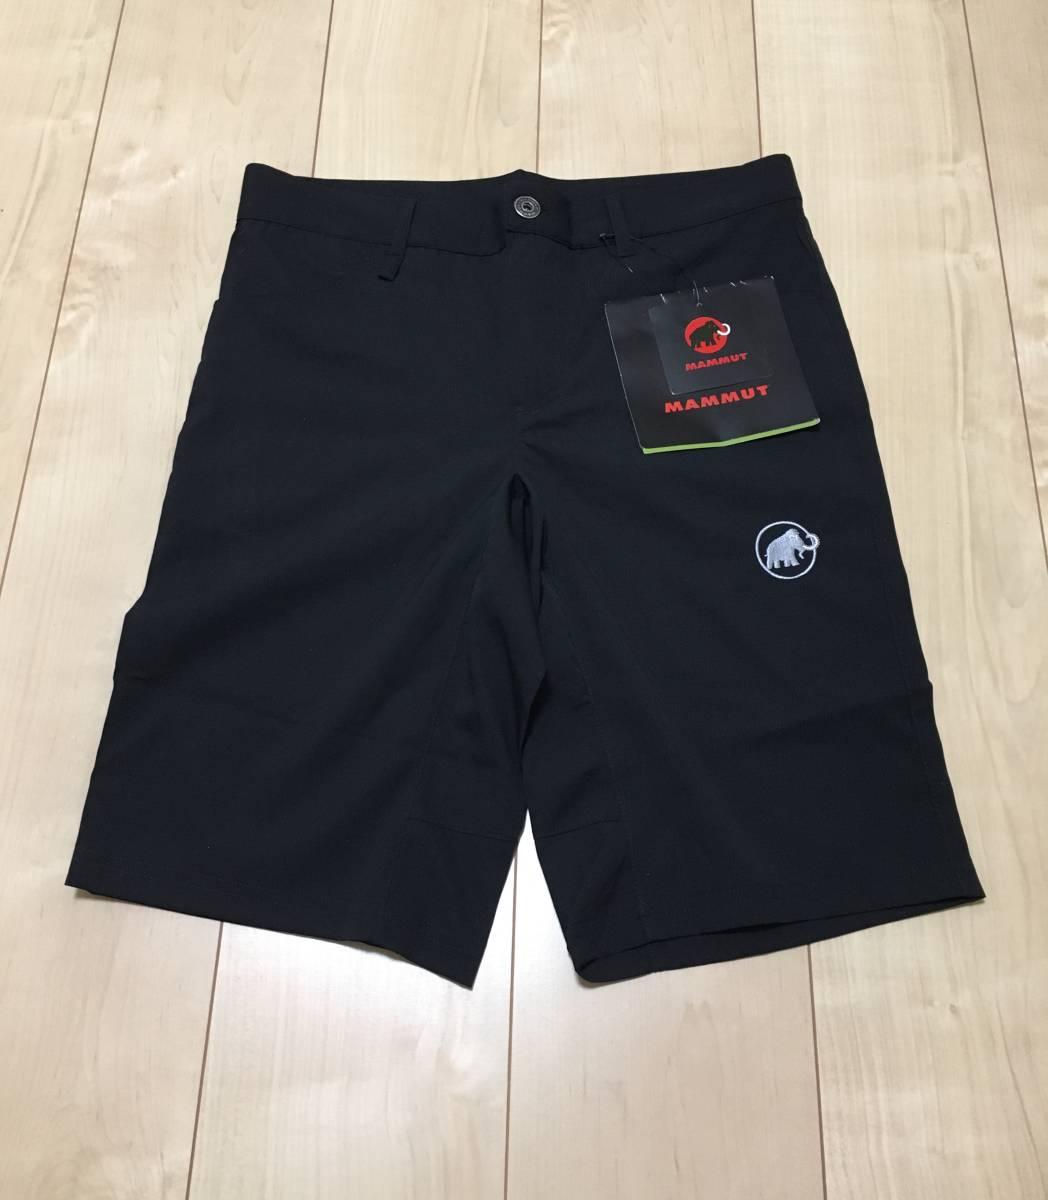 新品1337 MAMMUTショートパンツ Runboid shorts pant Men ASIA M